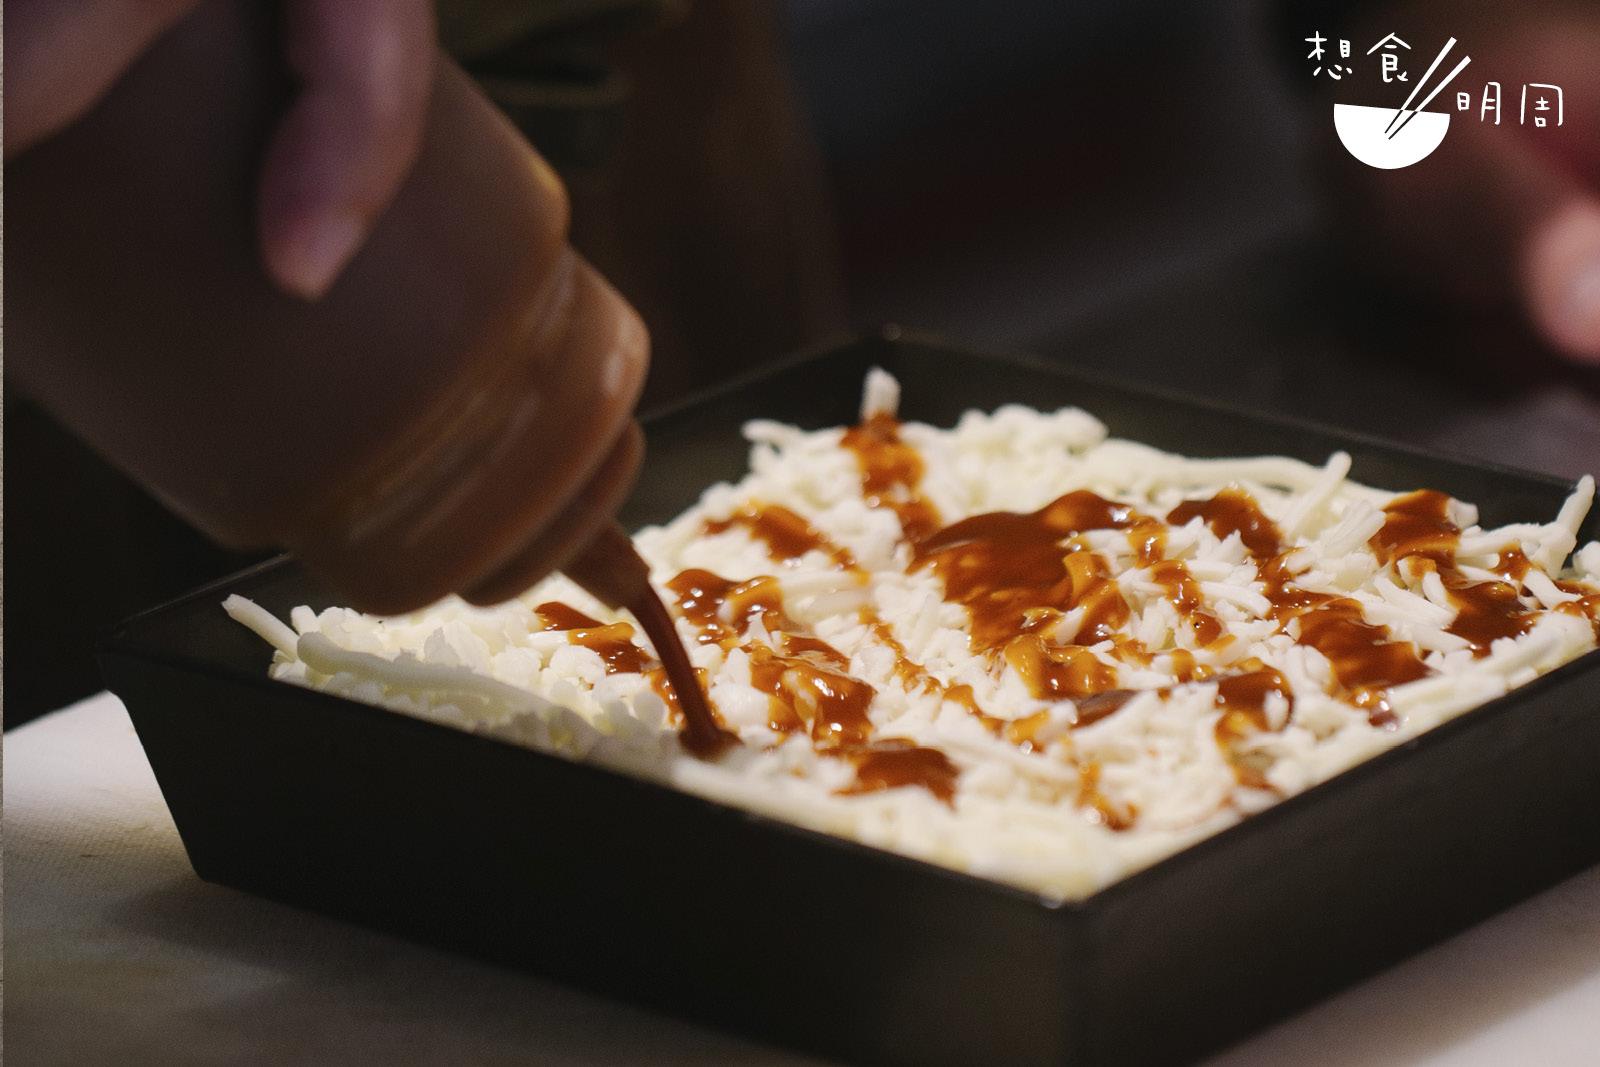 先放芝士後茄汁,就是底特律薄餅的特色之一!